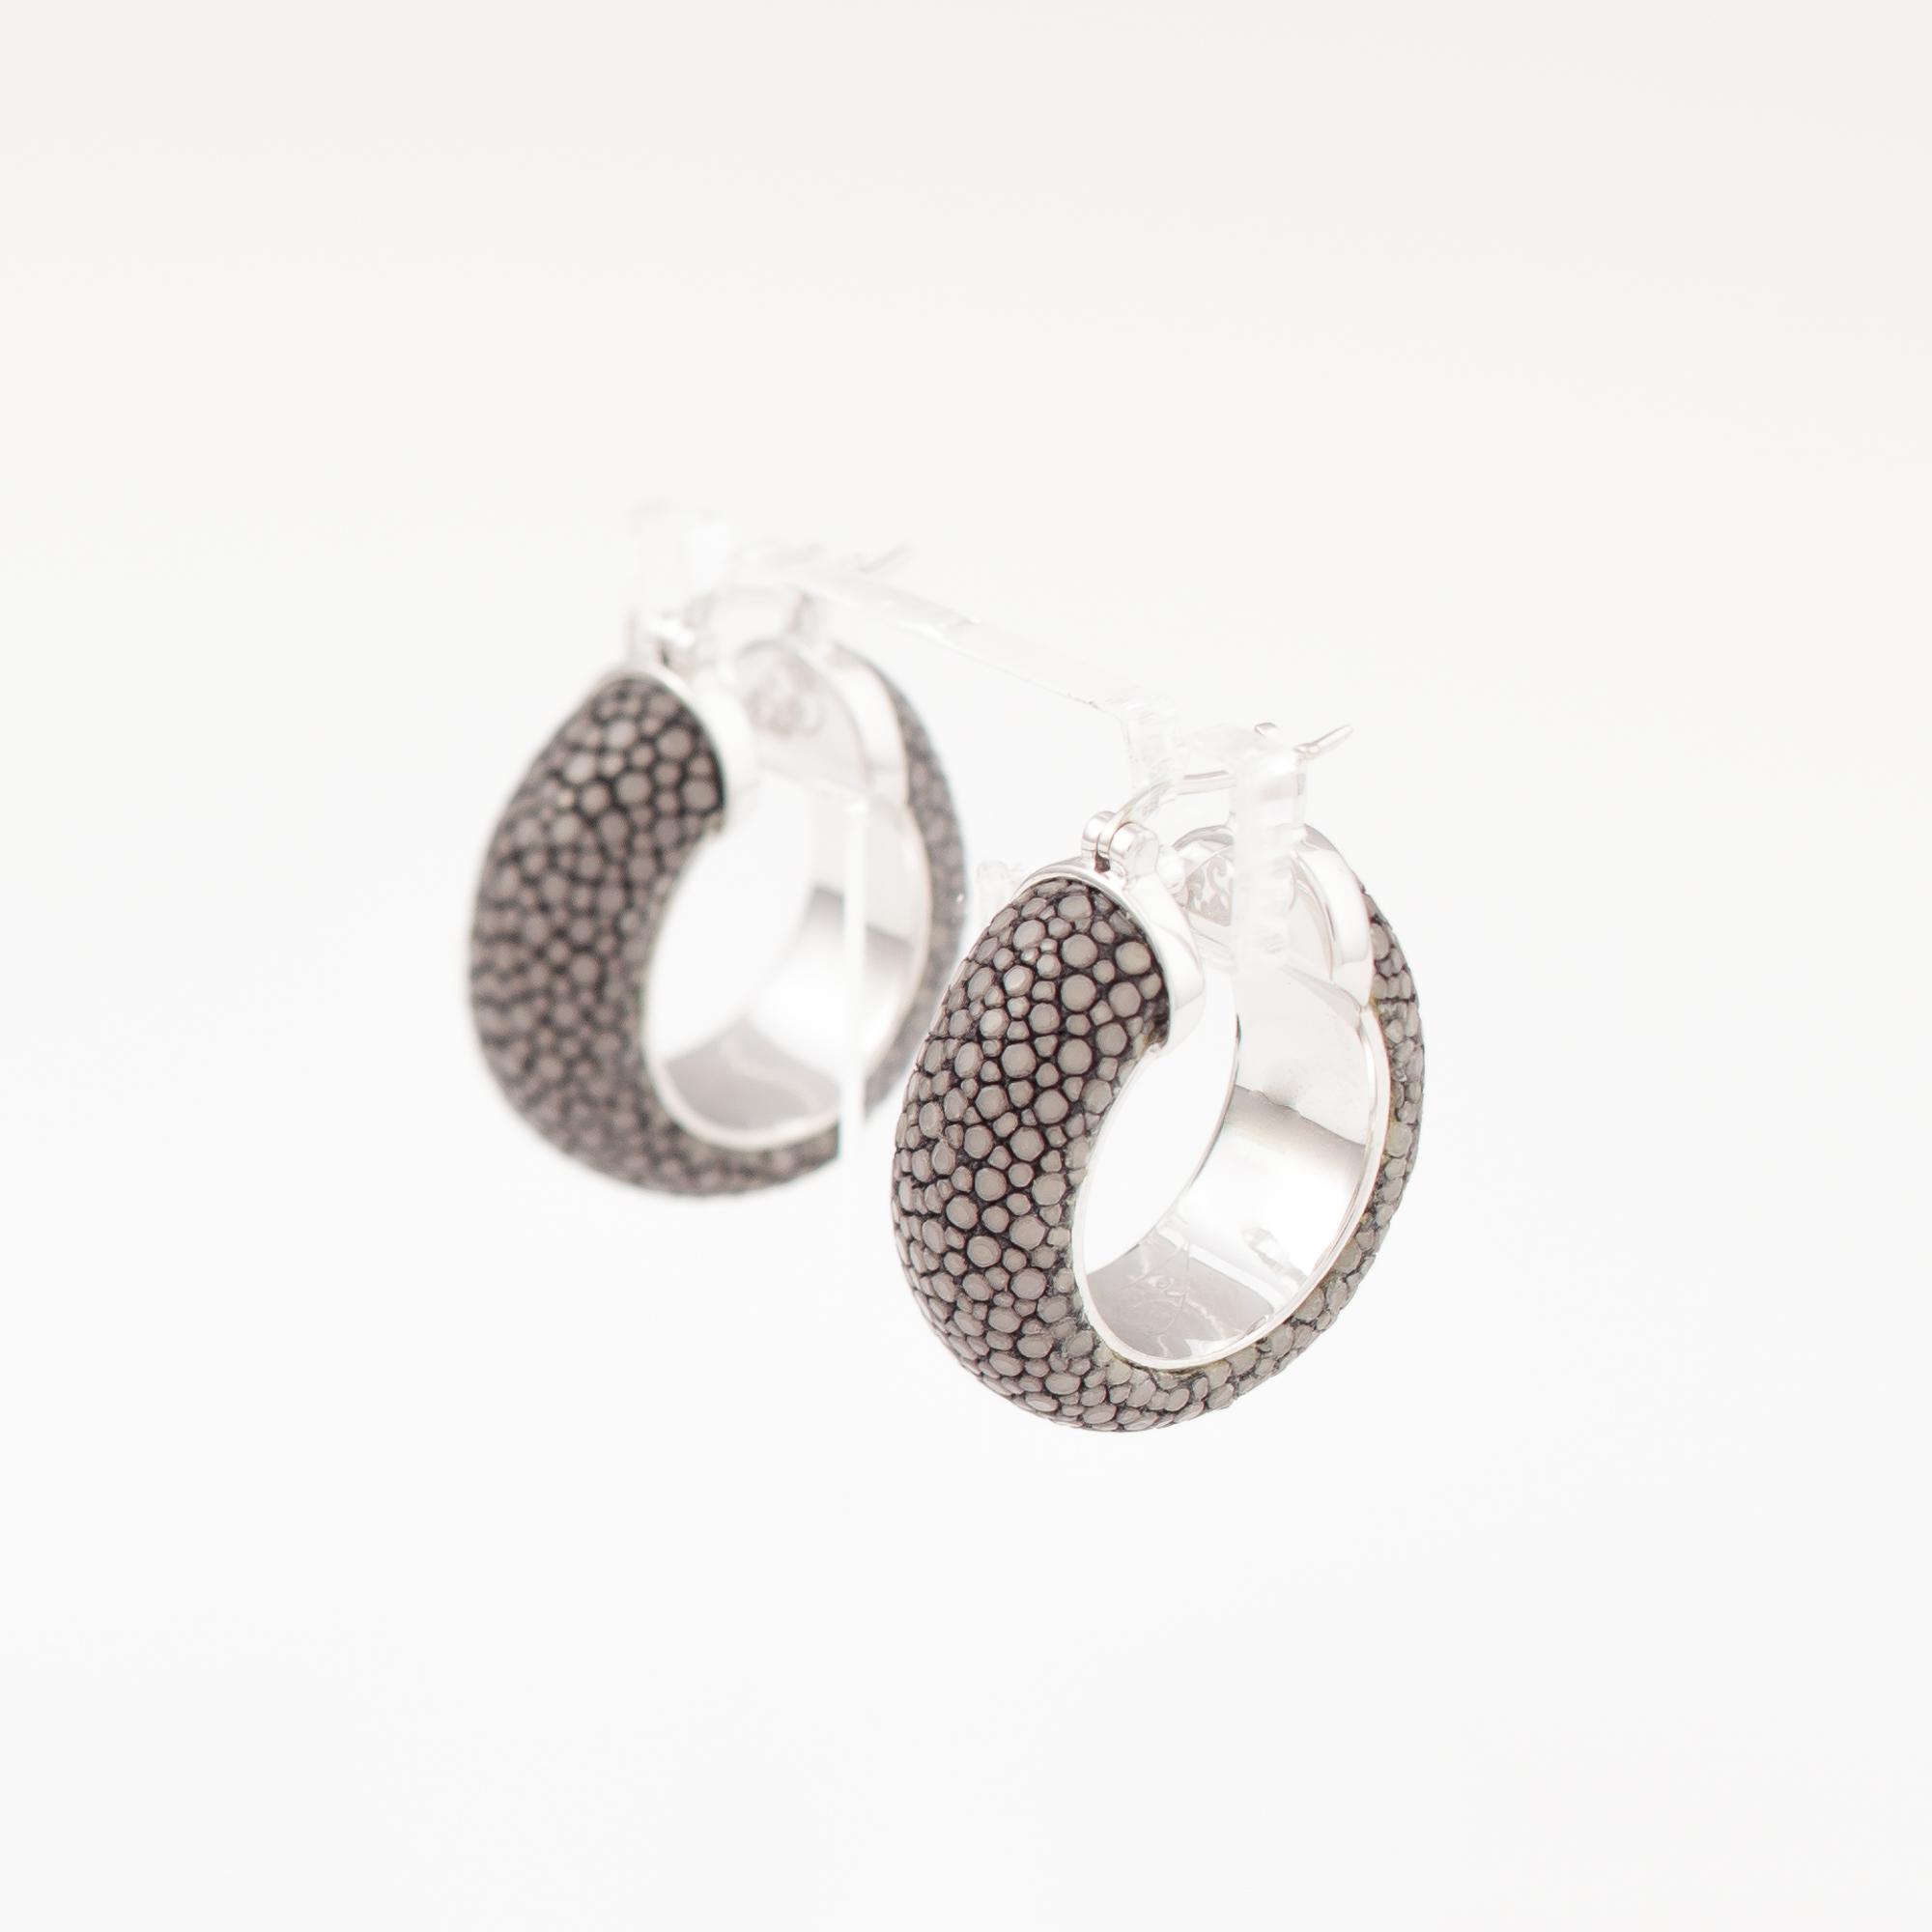 tresor-by-flore-galuchat-boucles-d-oreilles-simplicite-gris